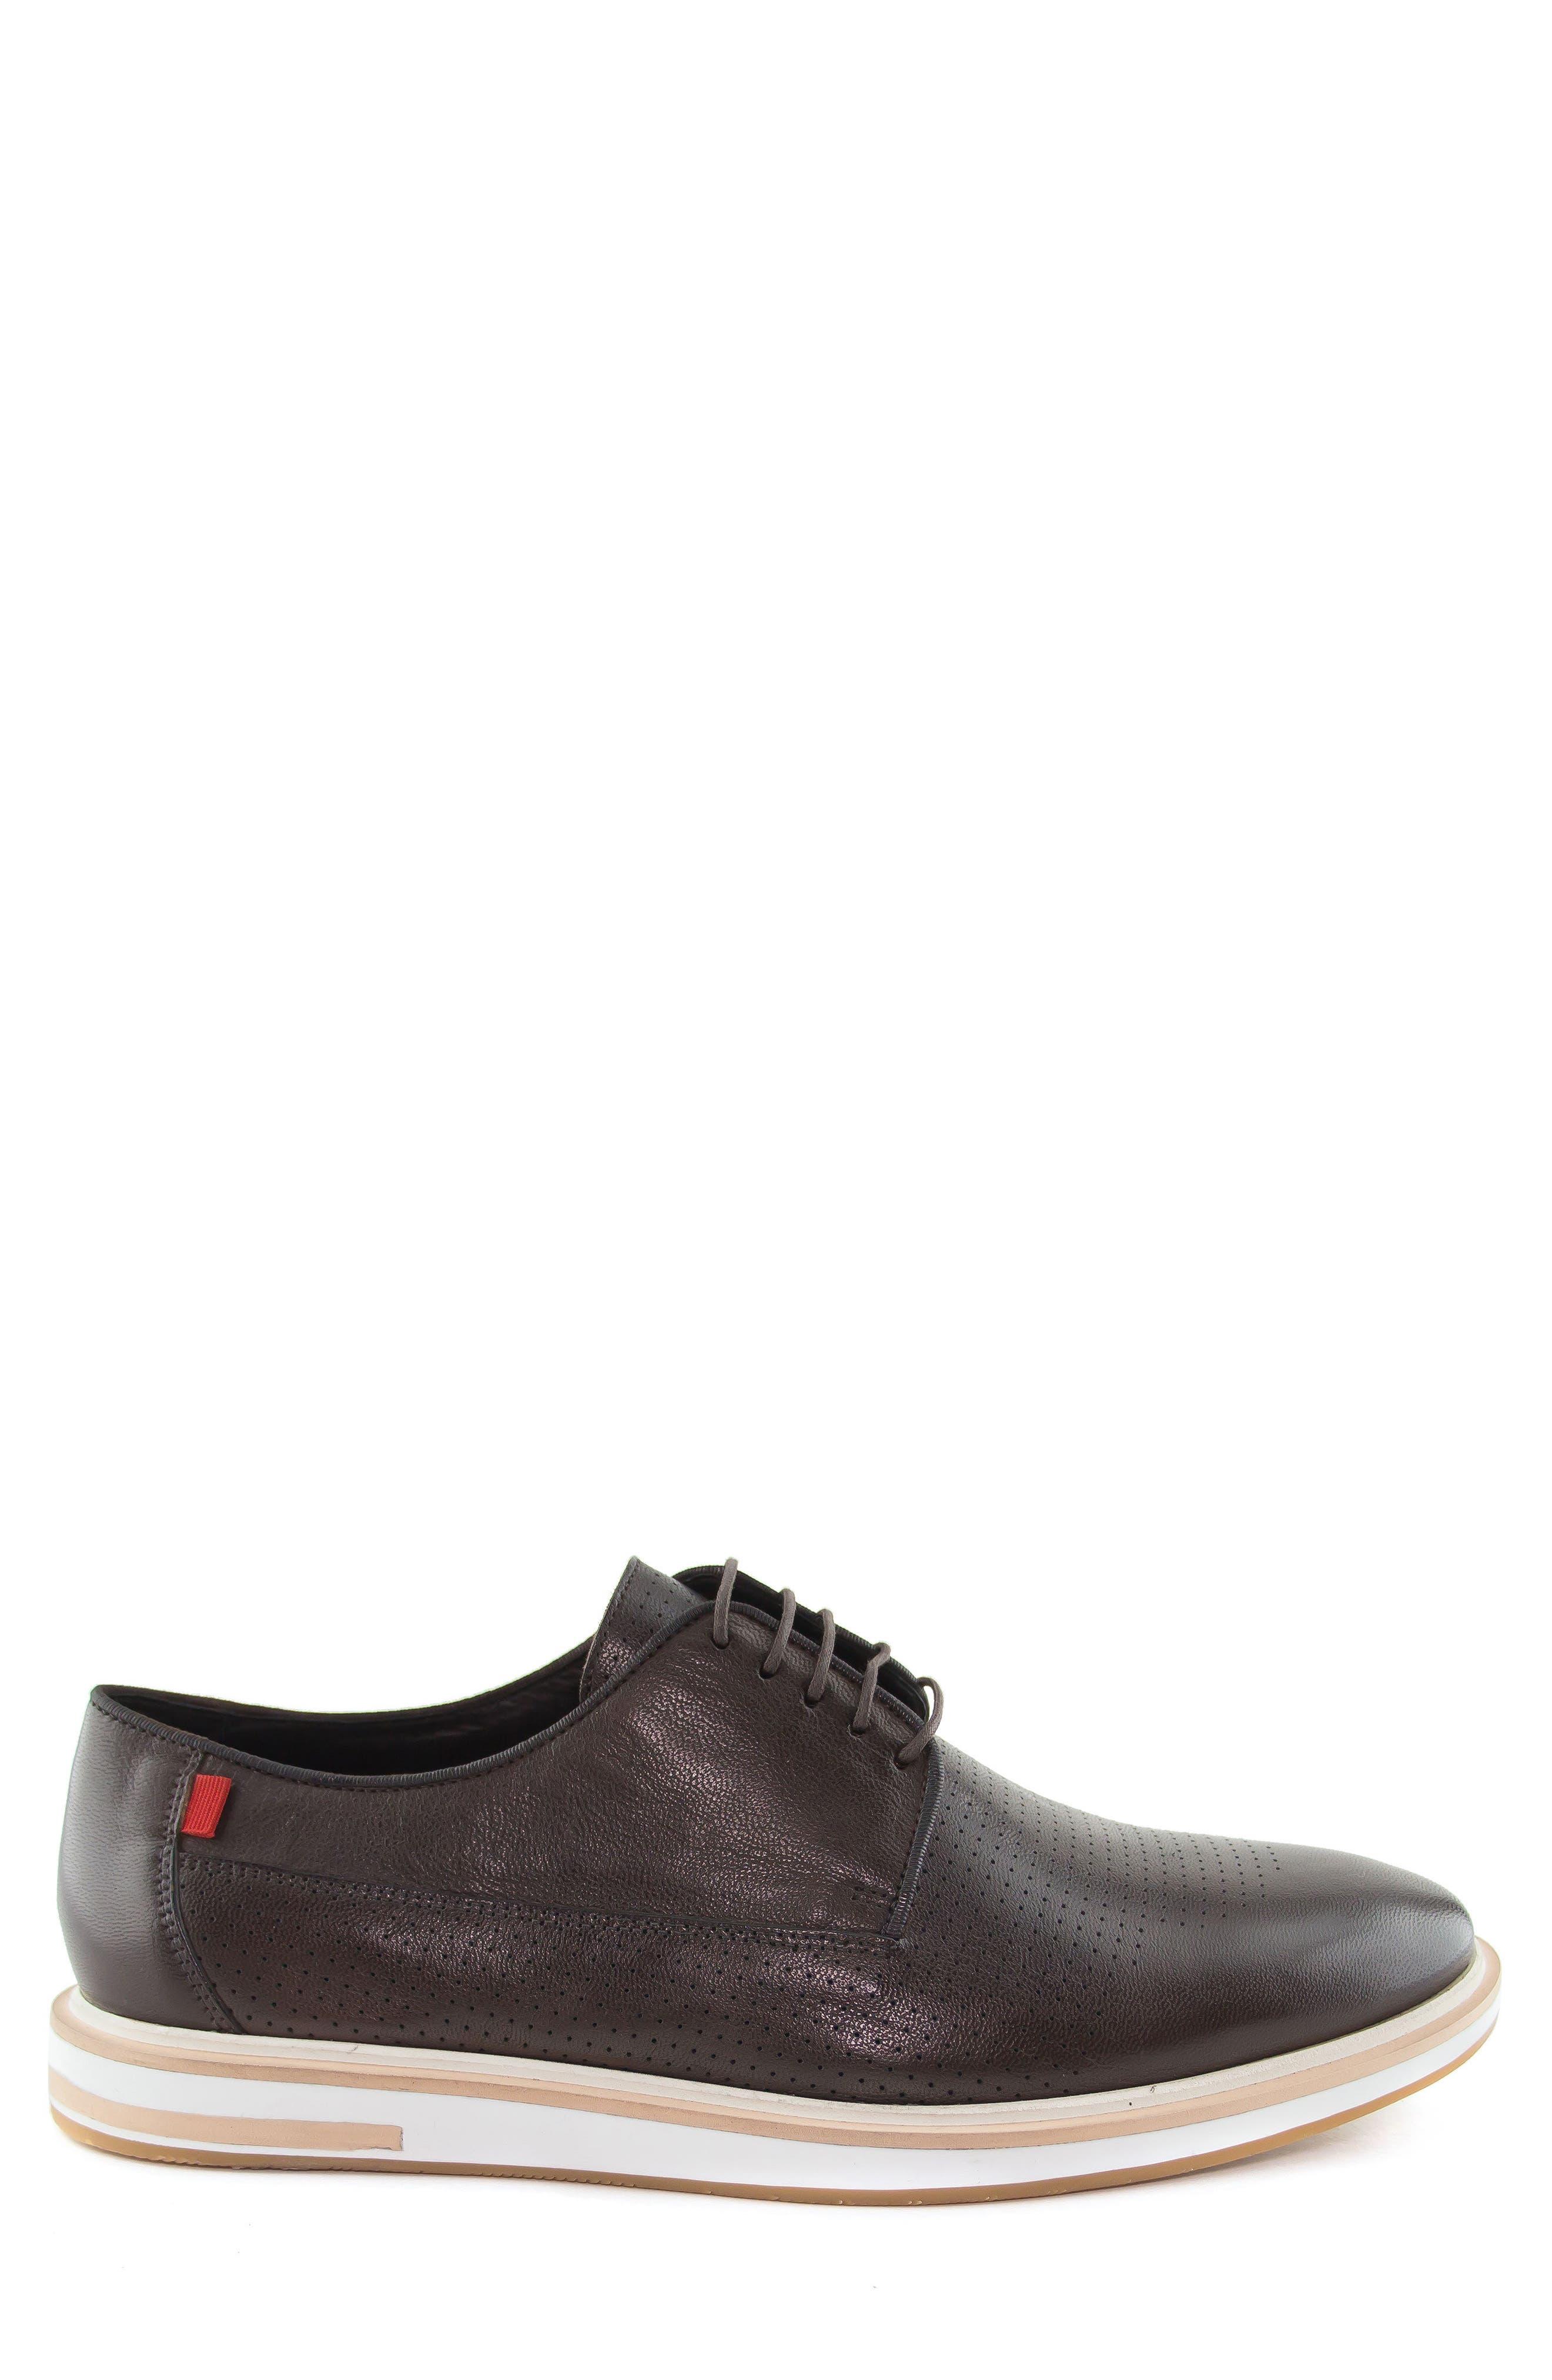 MARC JOSEPH NEW YORK, Manhattan Sneaker, Alternate thumbnail 3, color, 205